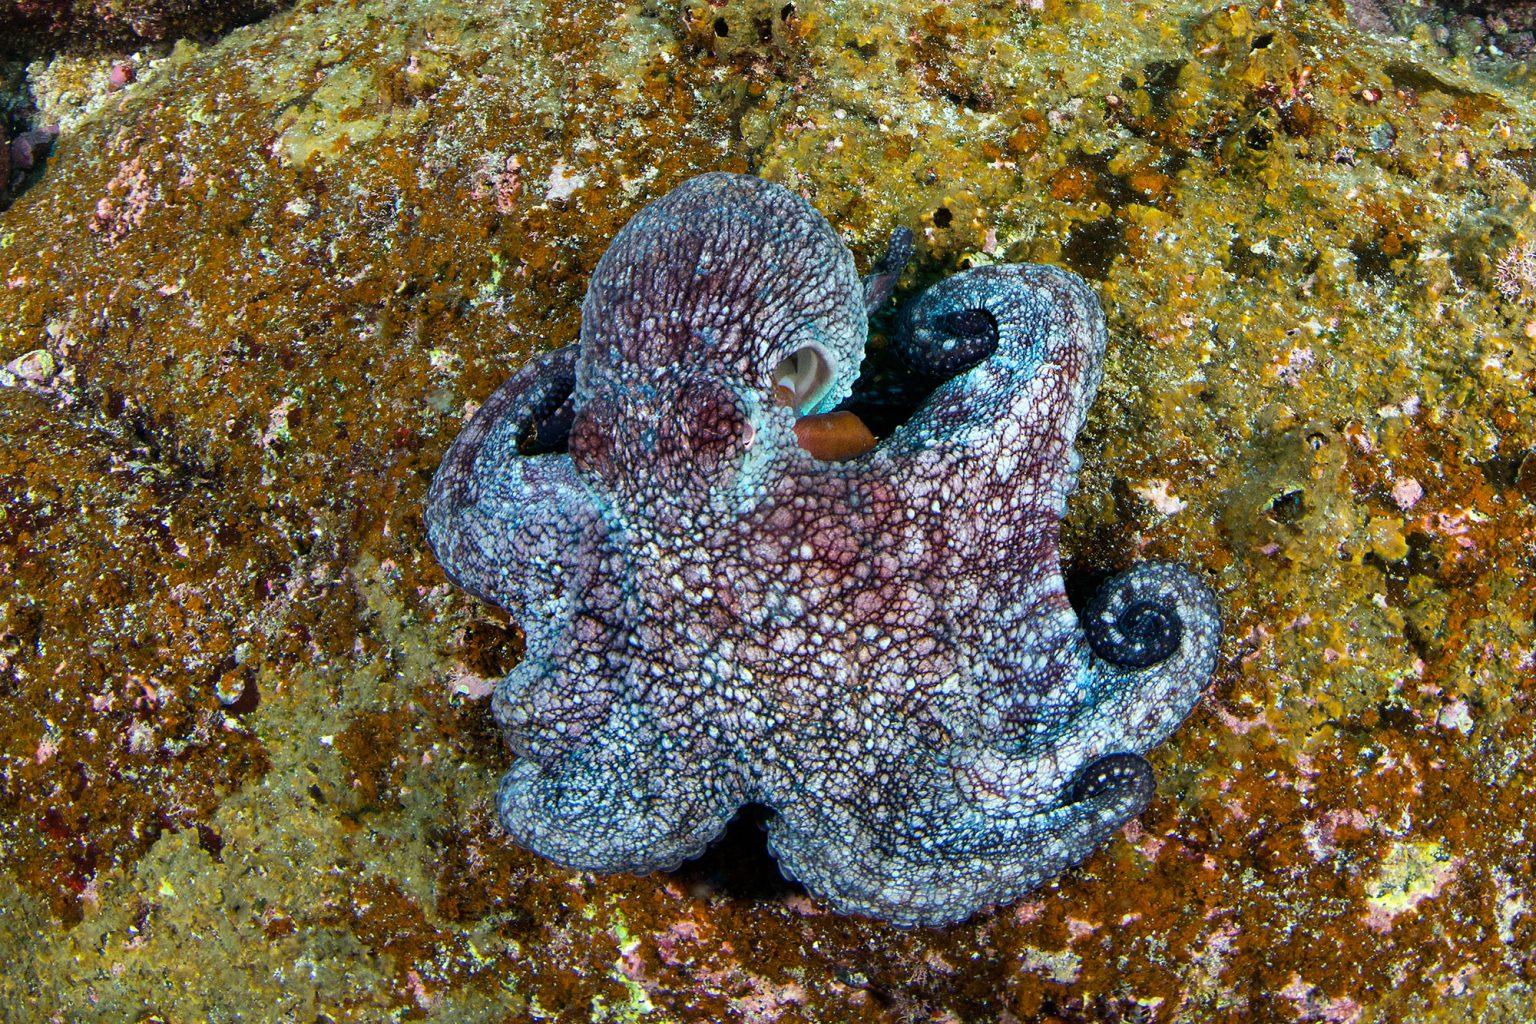 Galapagos Octopus, Oktopus